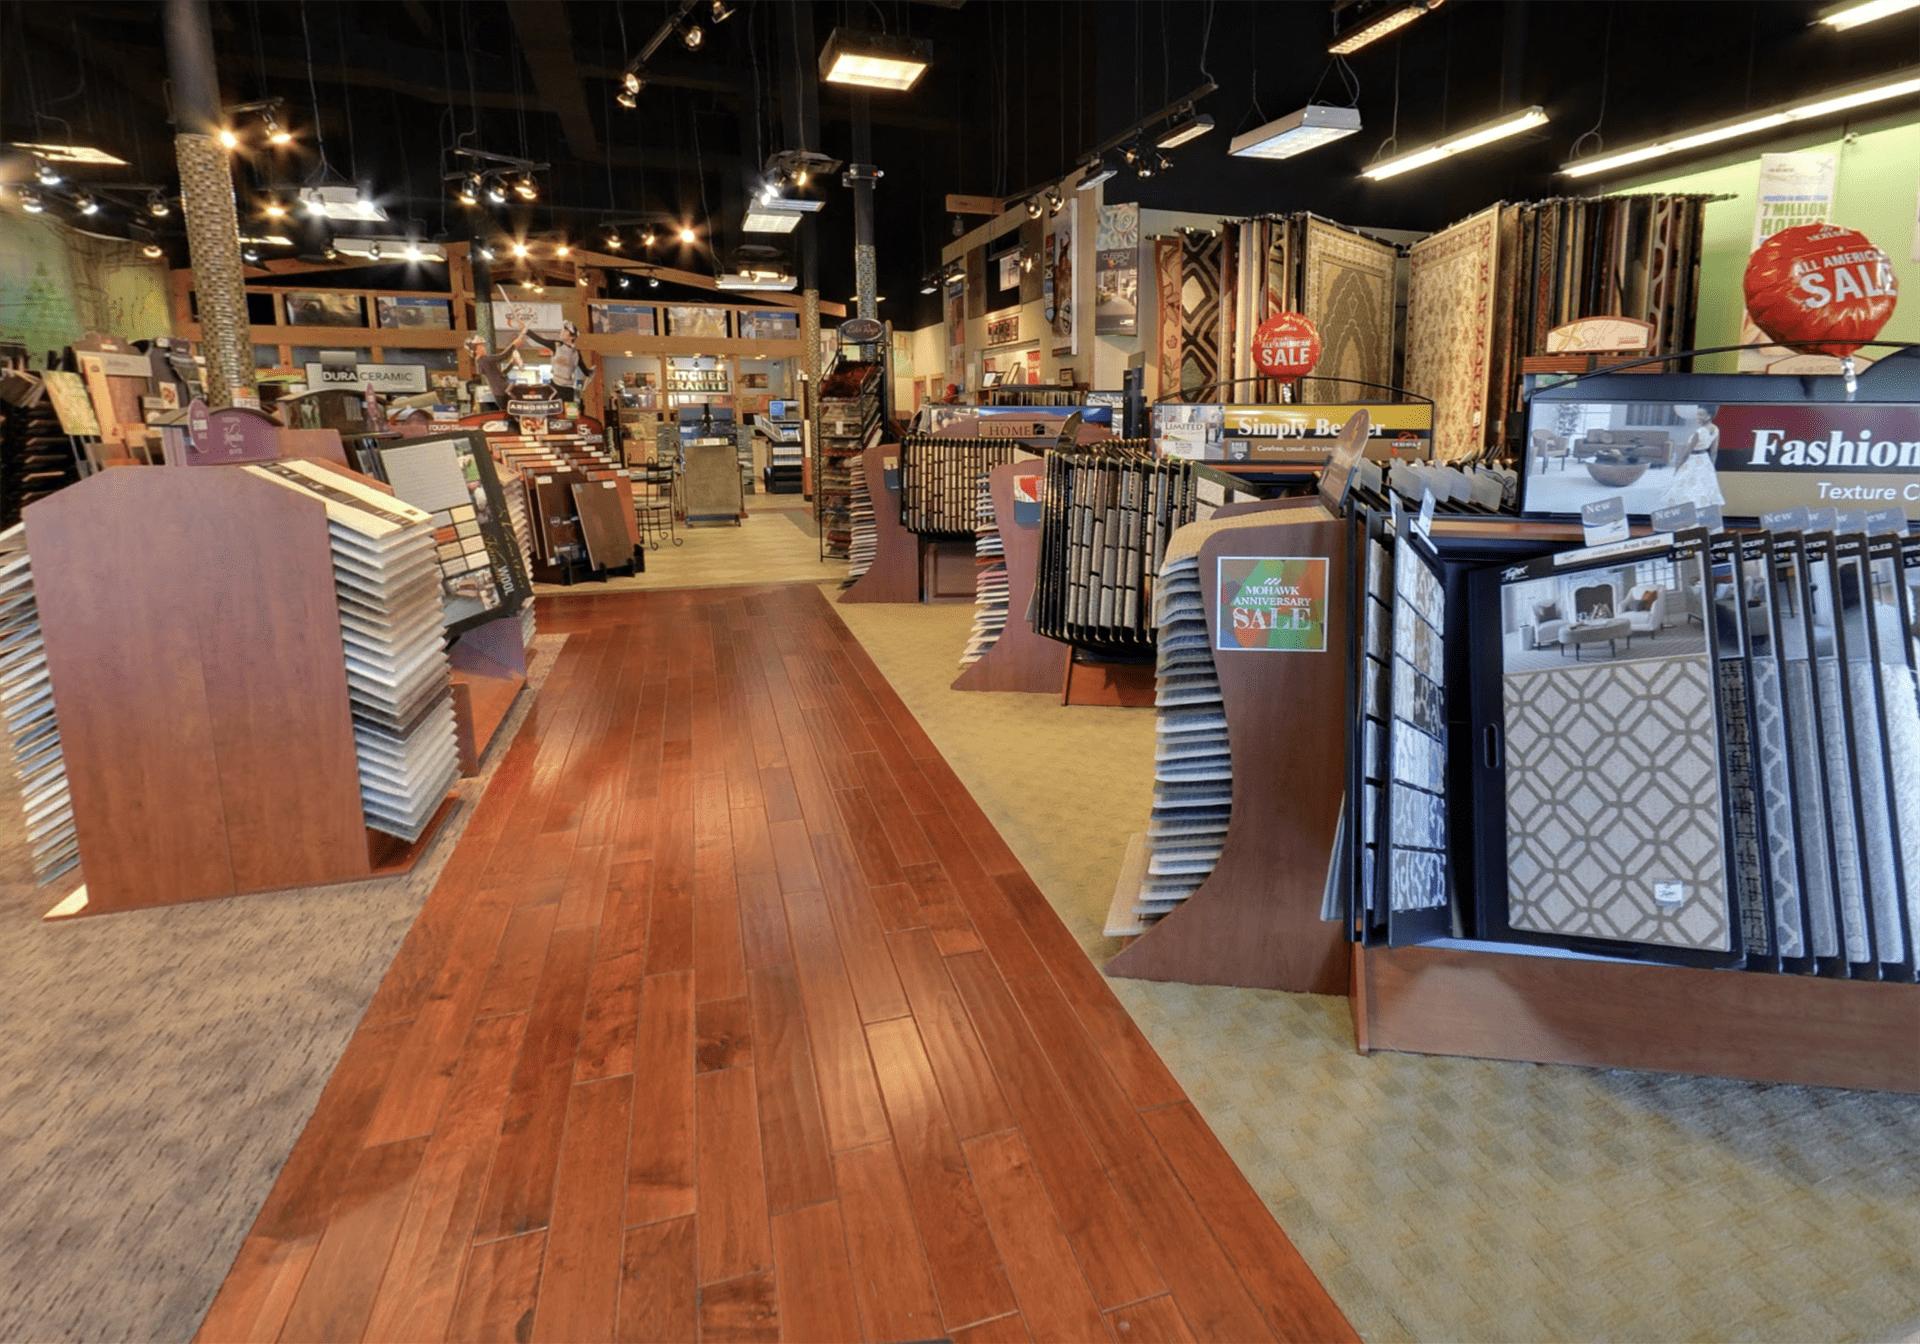 Carpet & Floors Market showroom near White Plains, MD